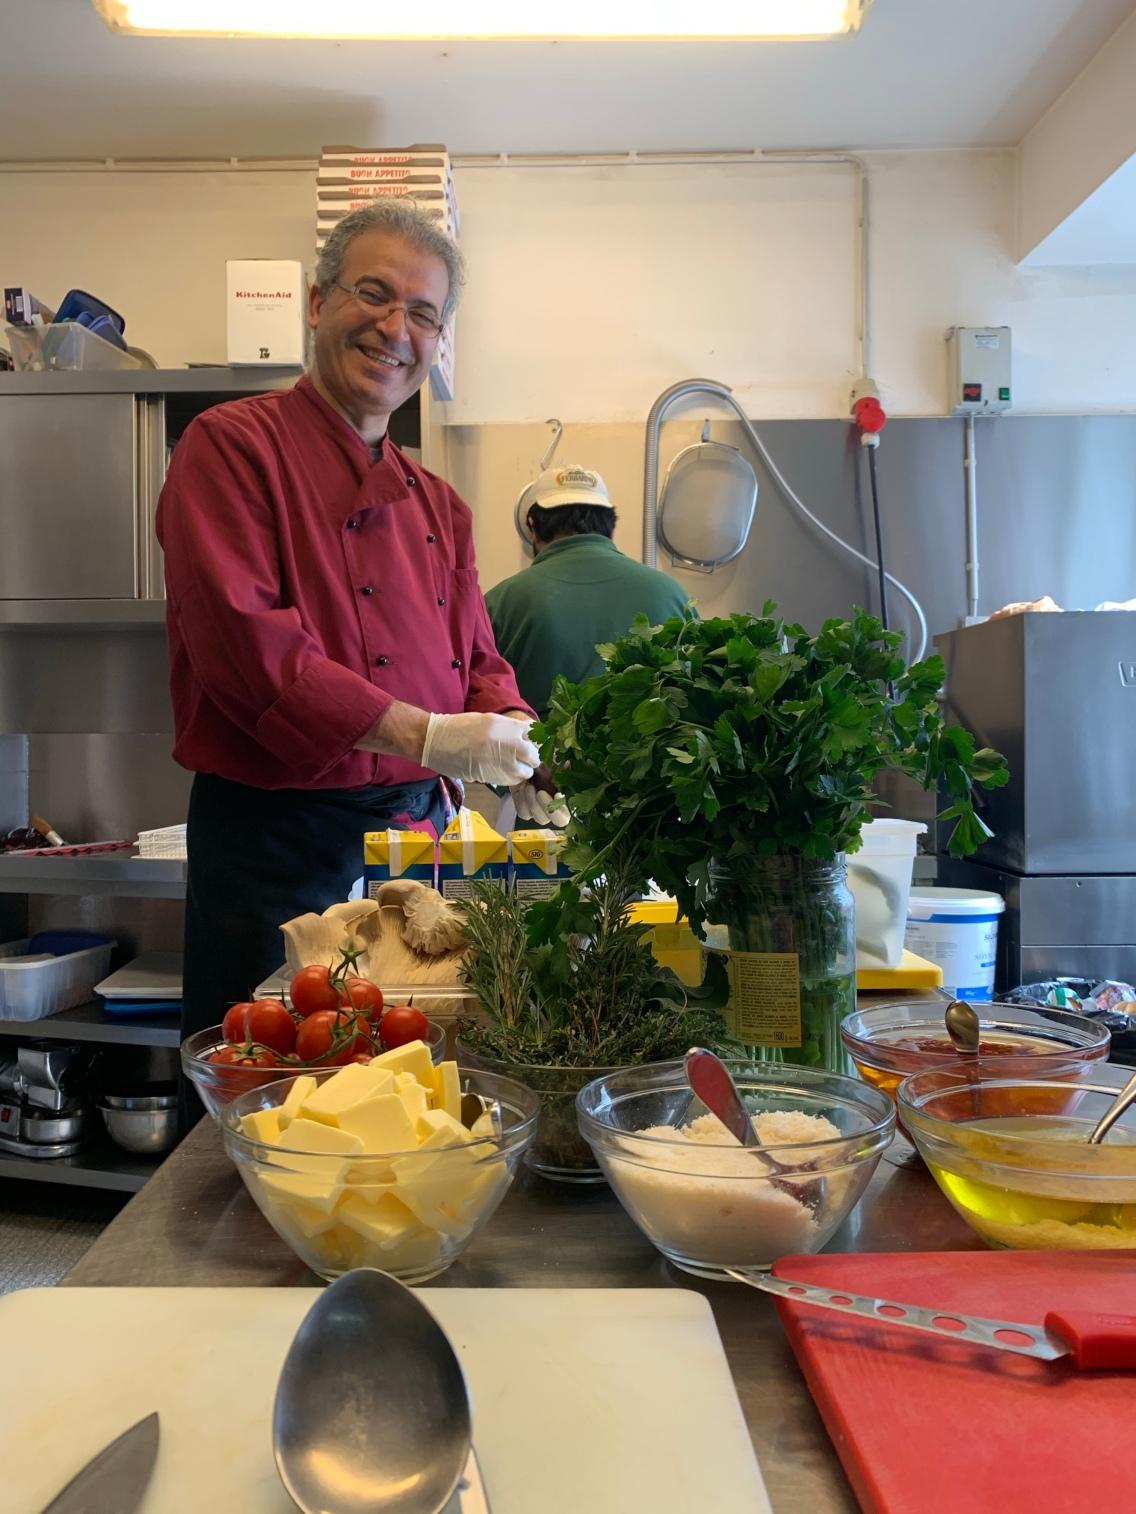 Küchenchef Mustafa - bereits seit über 10 Jahren im Trattodino und immer noch mit Freude dabei!